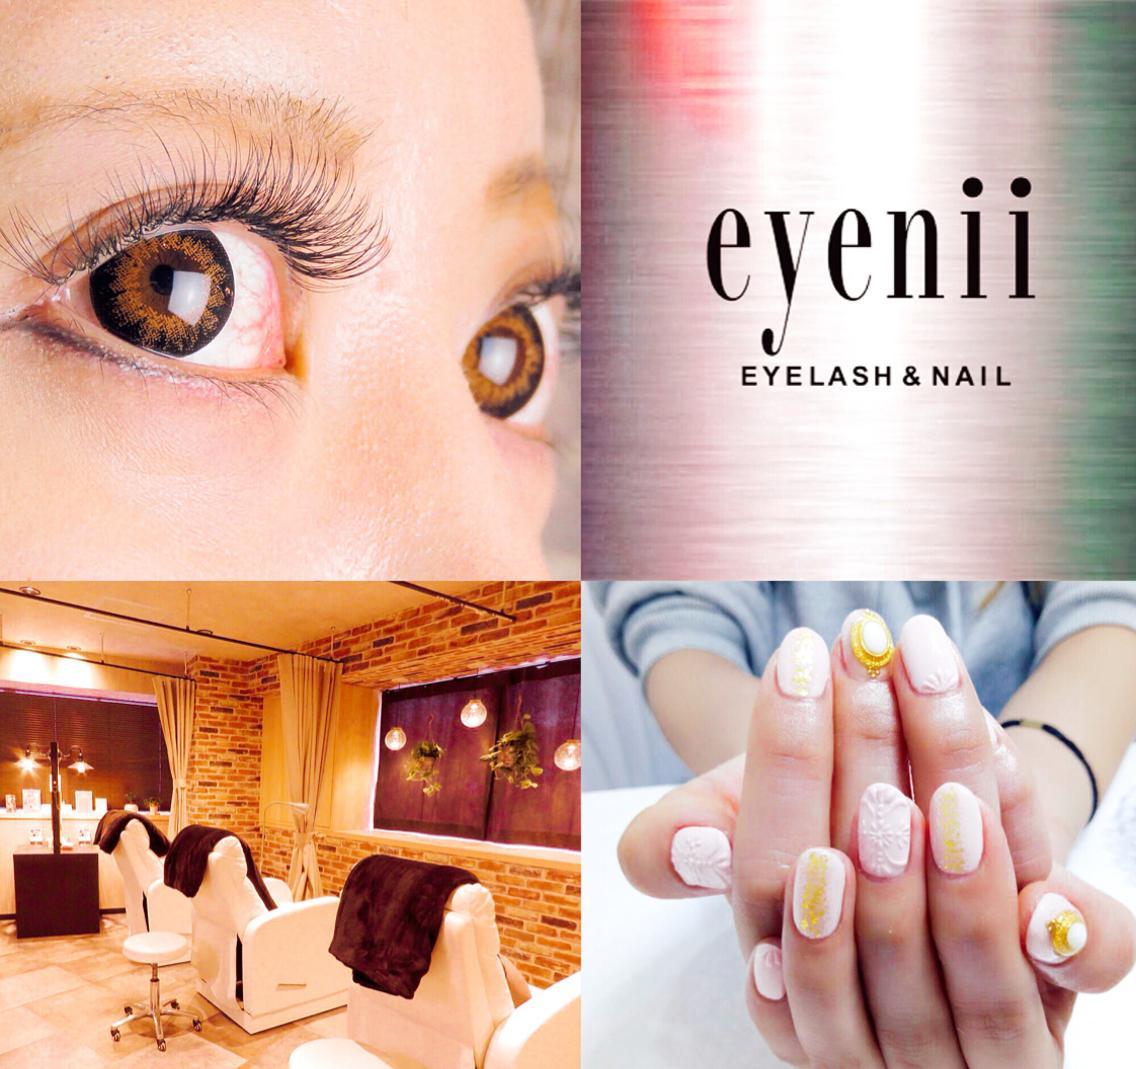 eyeniiEYELASH&NAIL所属・eyeniiの掲載